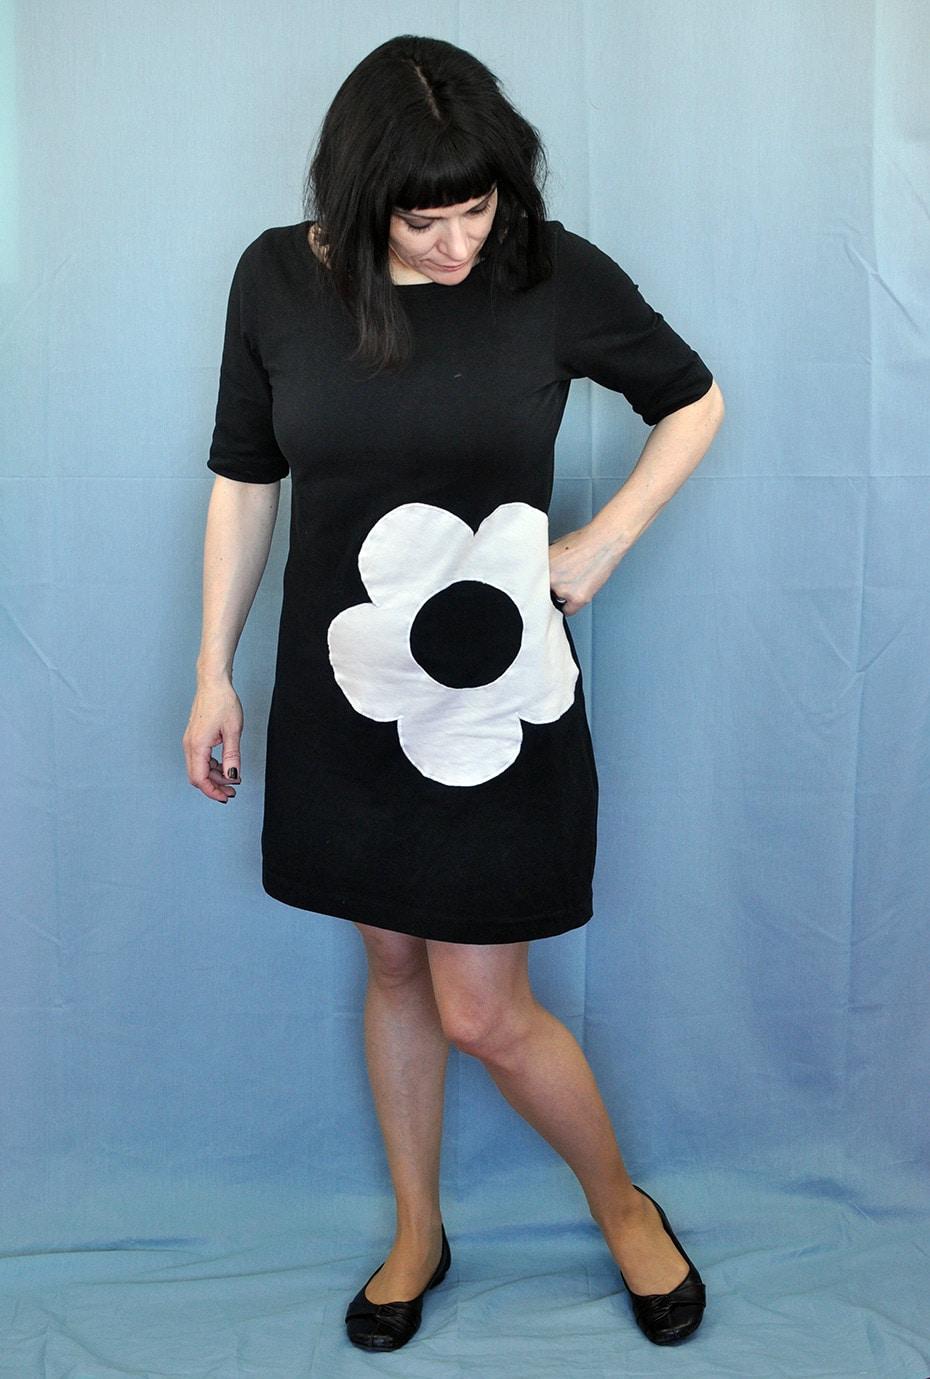 Daisy Quant Kleid nach Mesa von Seamwork | Schwatz Katz